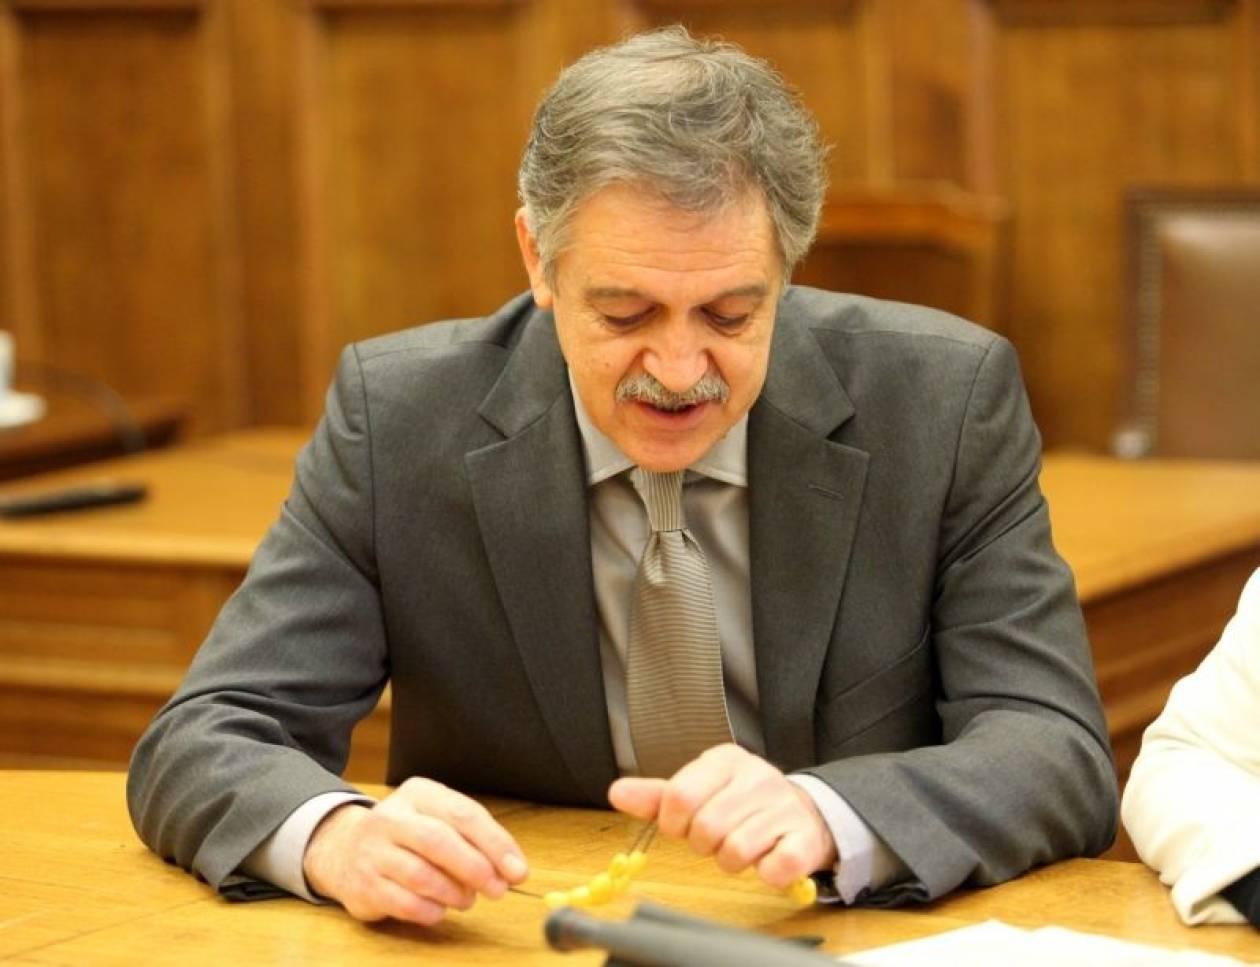 Κουκουλόπουλος: Προκαλεί τη νοημοσύνη μου το νέο κόμμα